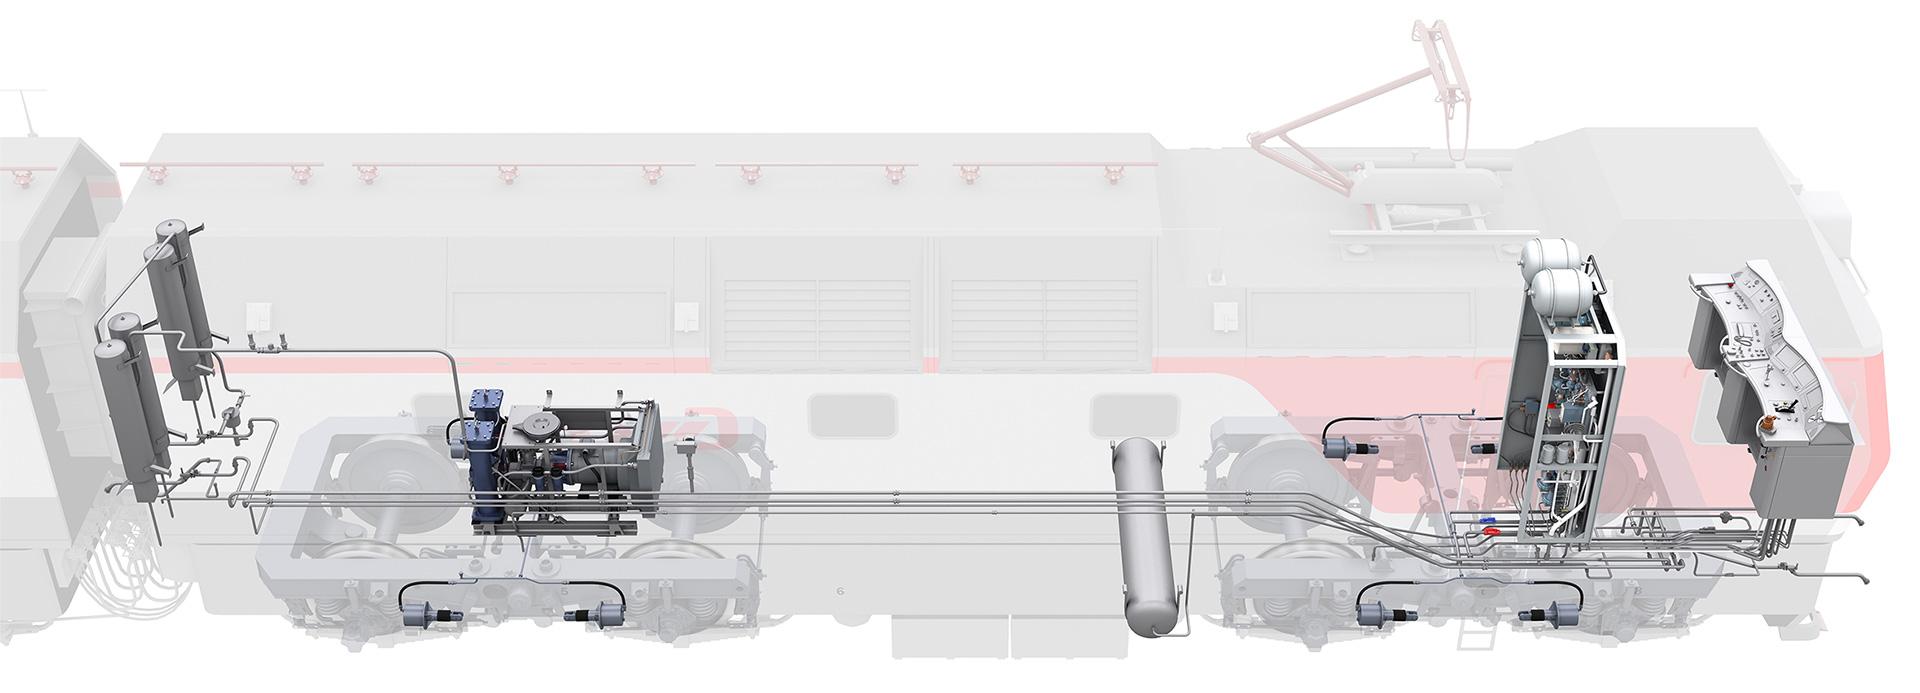 sinara brake 04 Электронный учебный комплекс «Устройство и эксплуатация тормозного оборудования электровозов нового поколения 2ЭС6 «Синара»